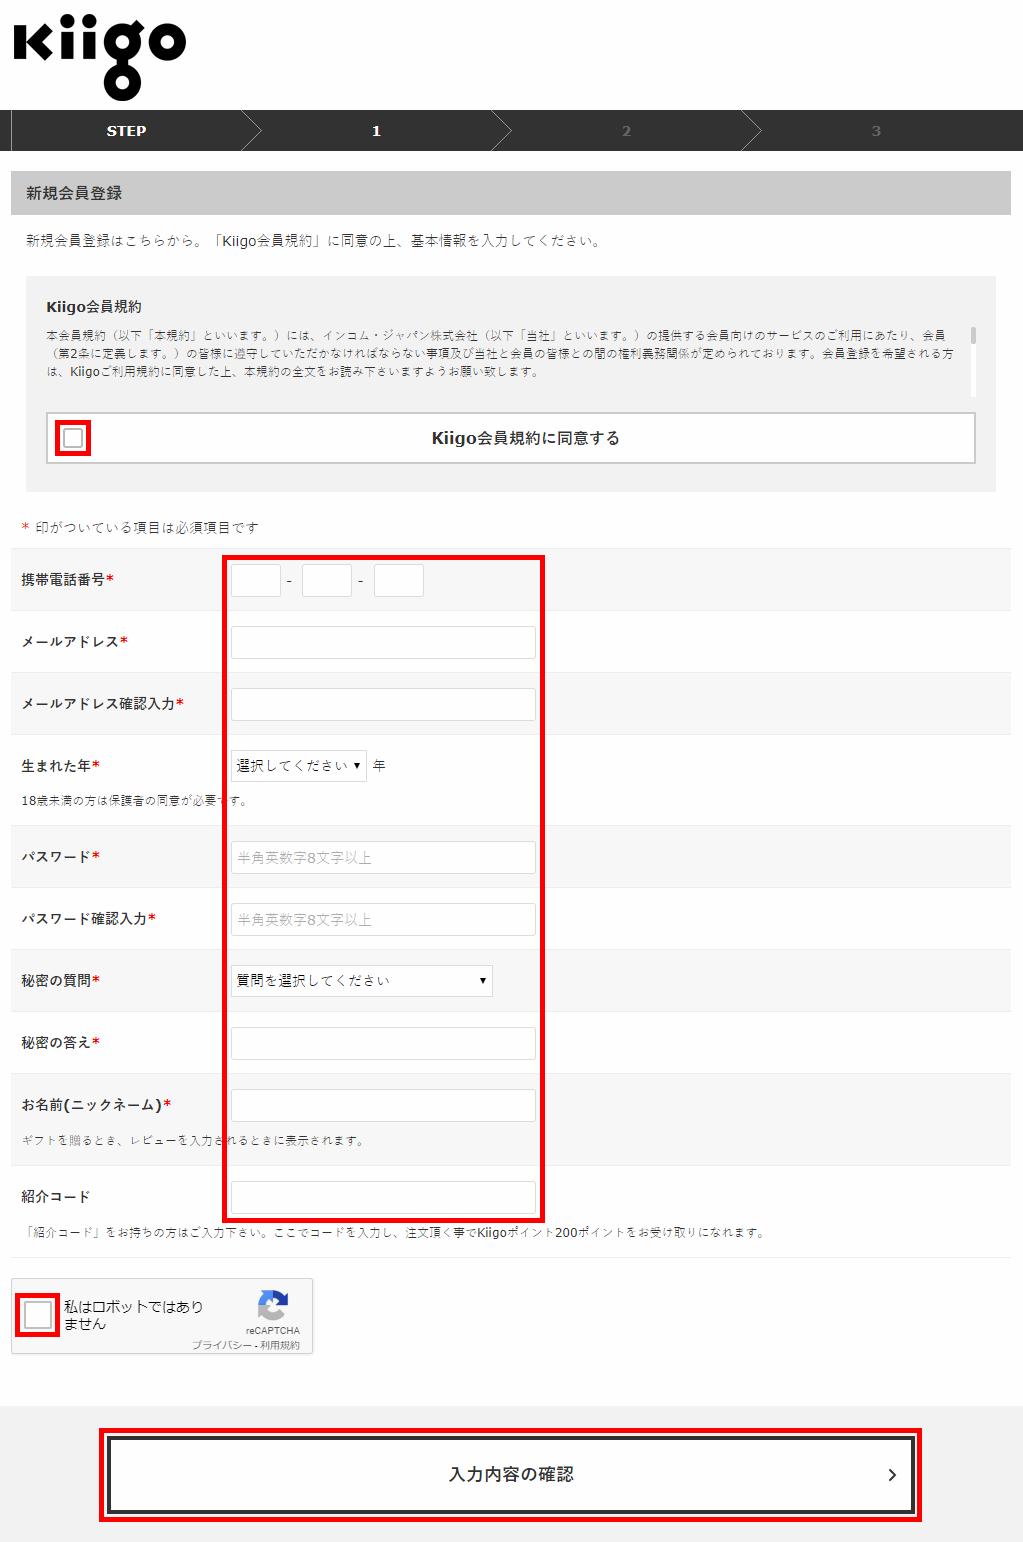 【公認】デジタルコード通販サイト _Kiigo_新規会員登録-会員サービス